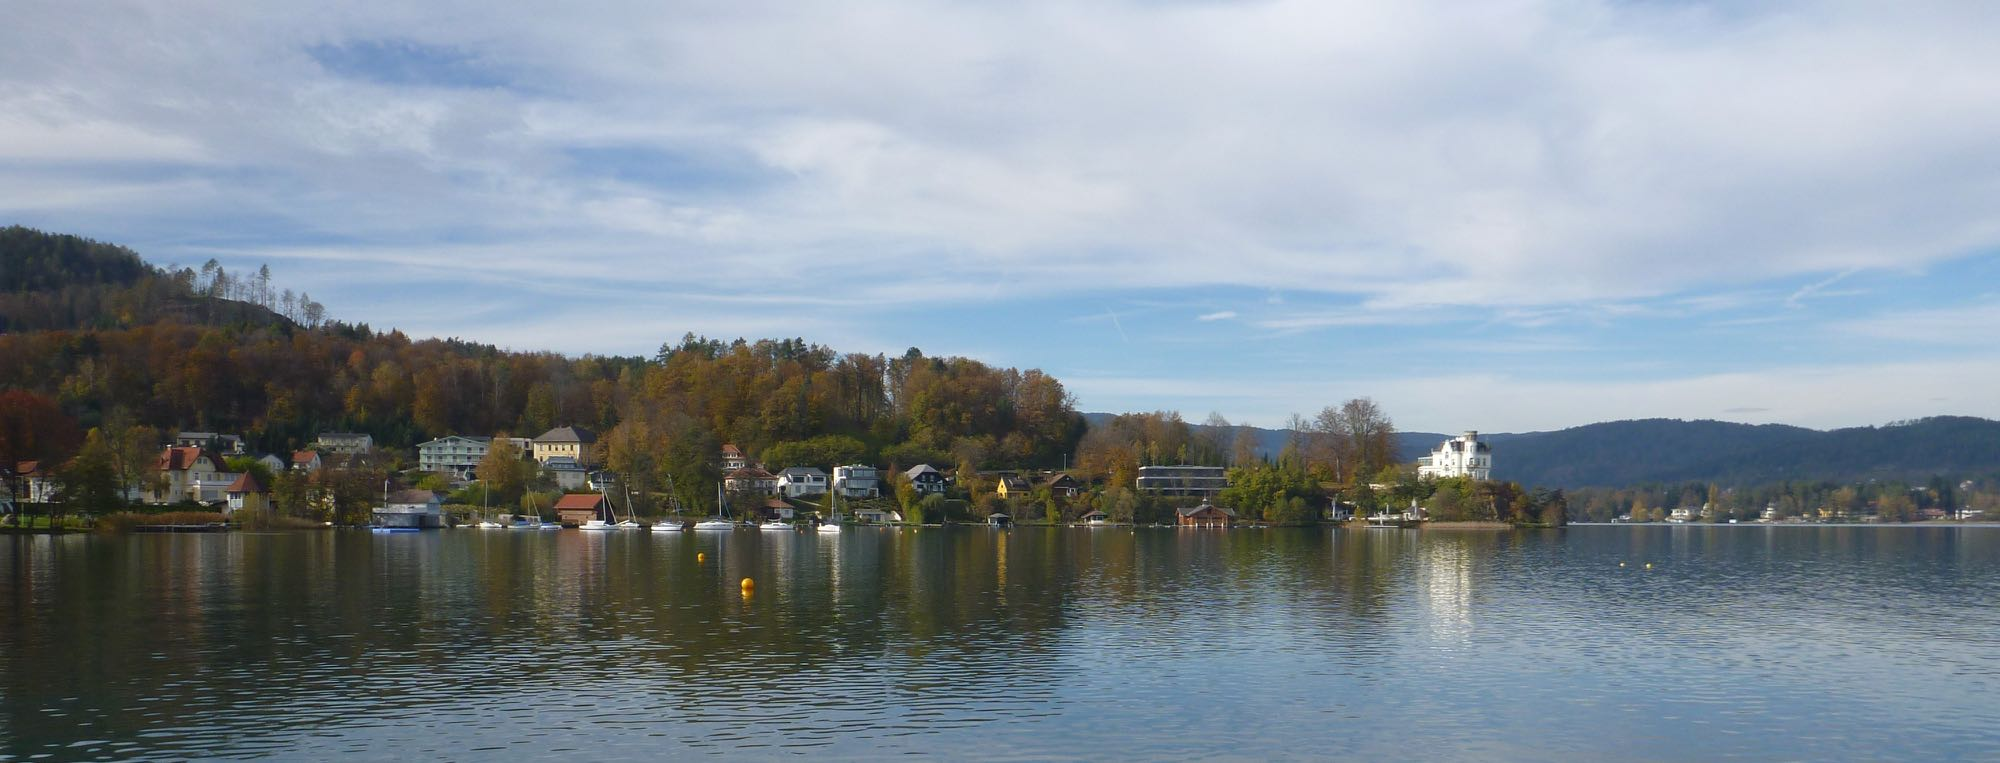 TID-Treffen 2017, 25. bis 29. Oktober mit viel Sonne am Wörthersee